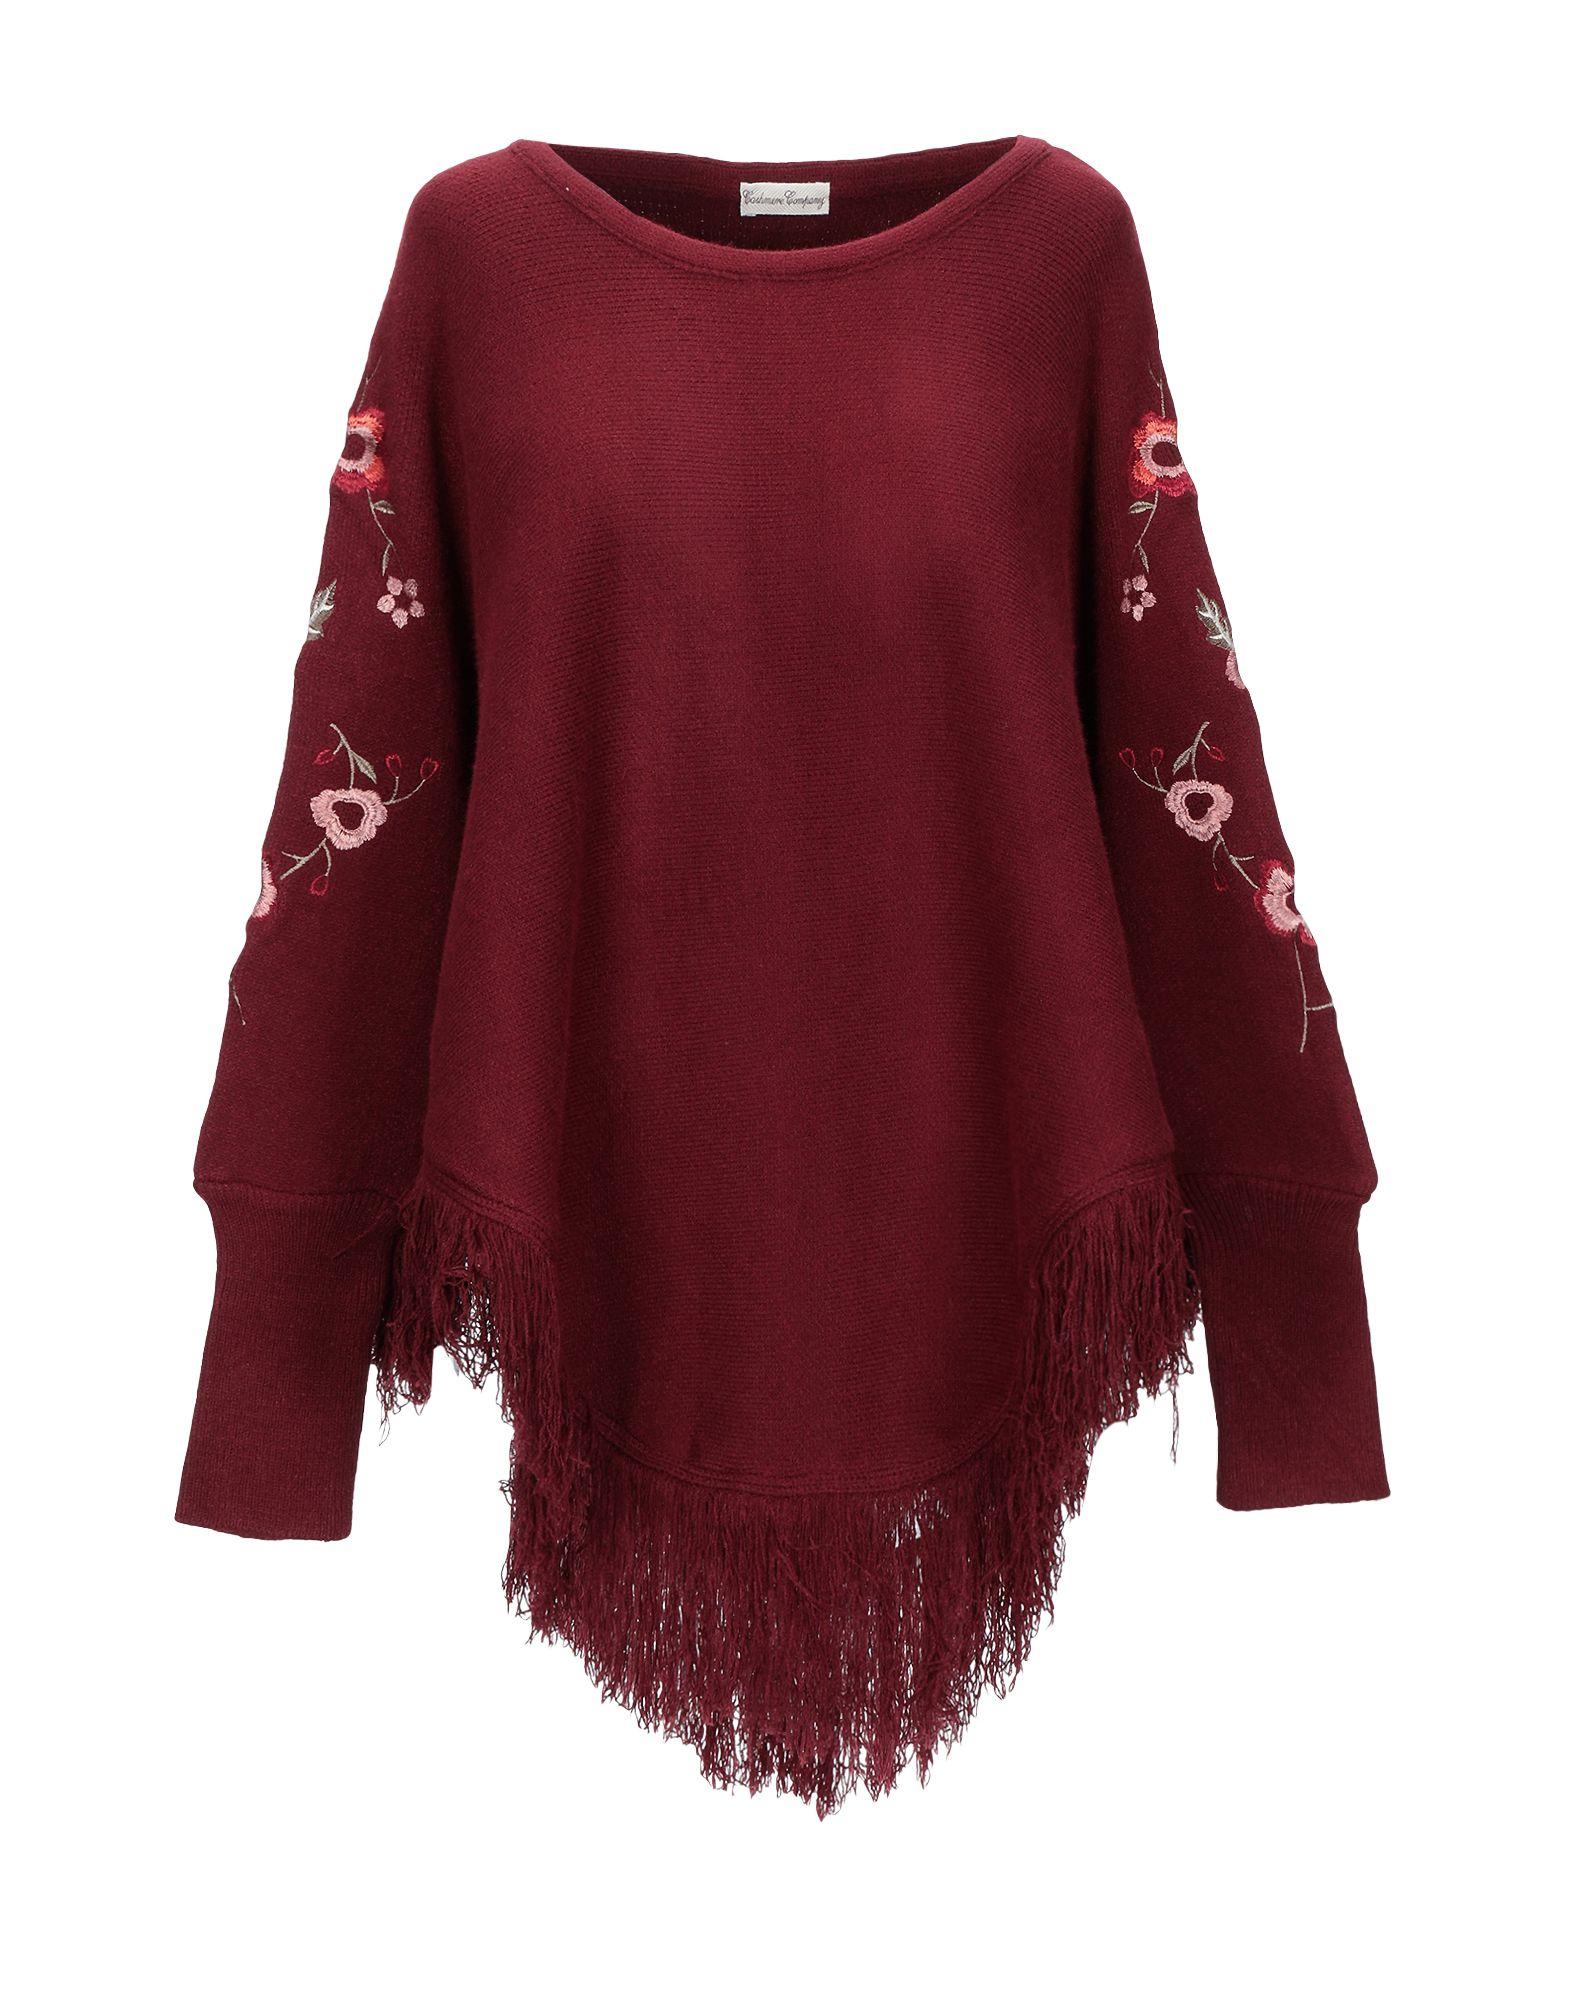 Фото - CASHMERE COMPANY Свитер falda cashmere свитер